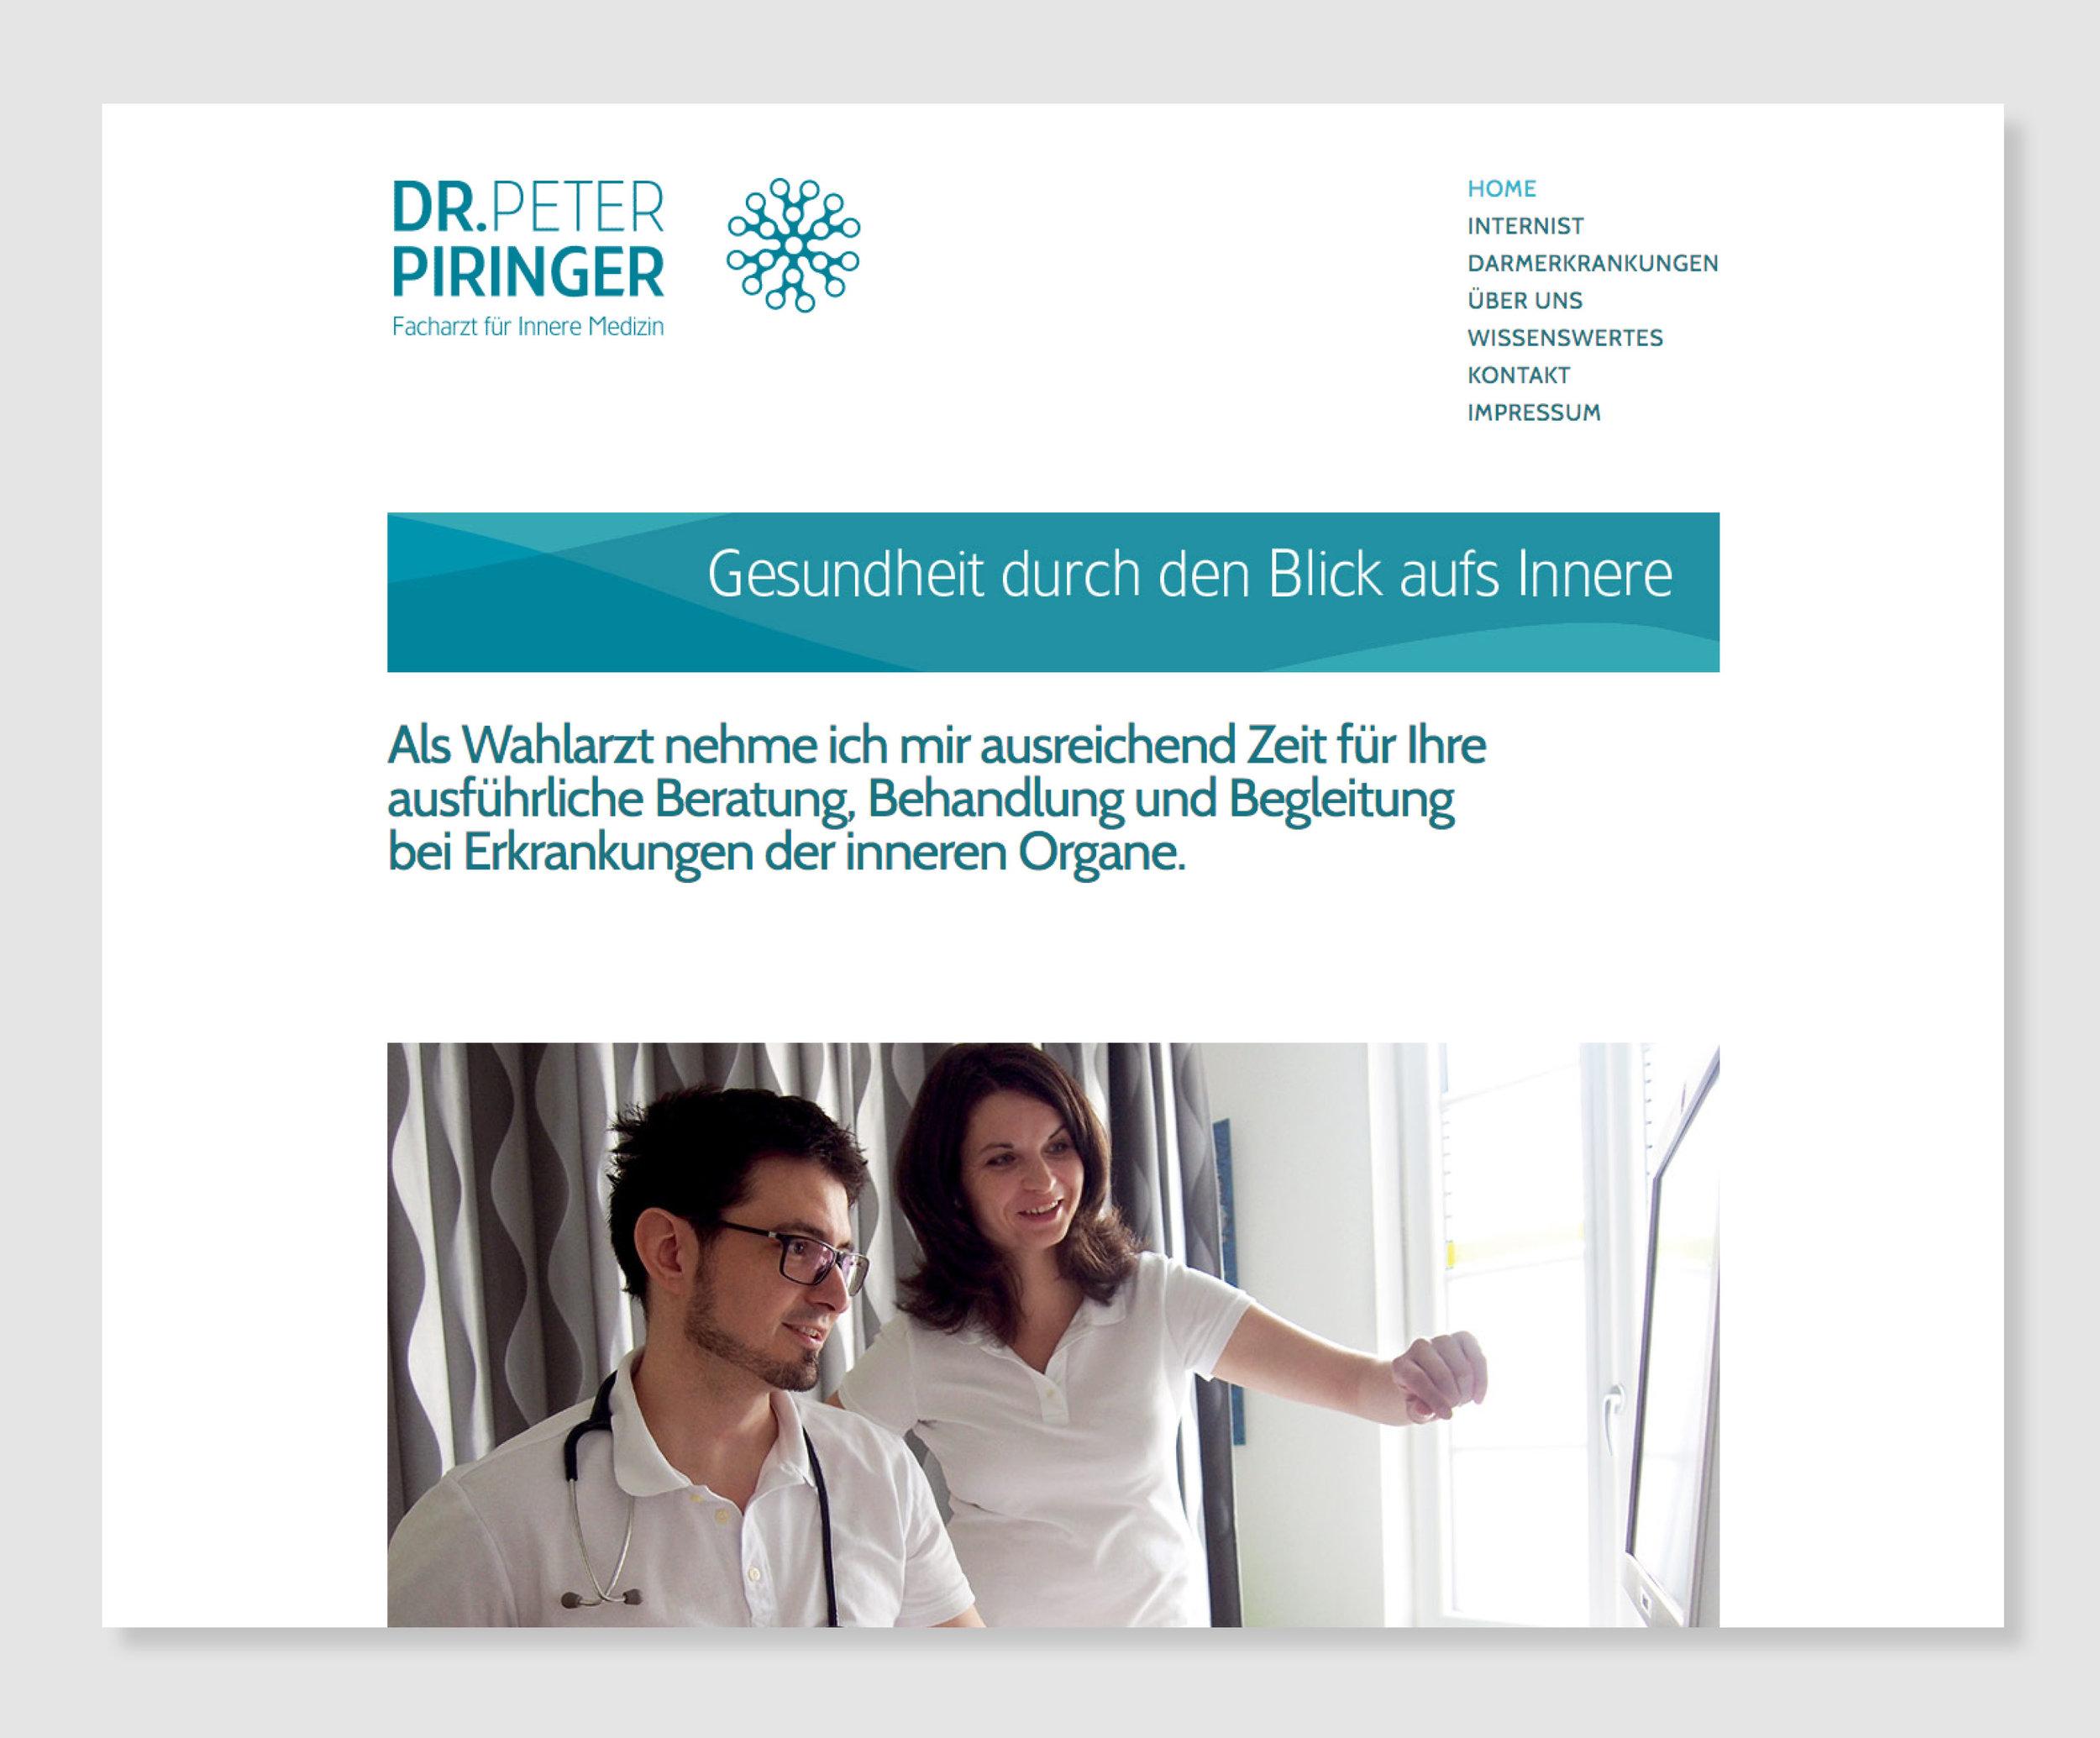 homepage-1-dr-piringer-designkitchen.jpg